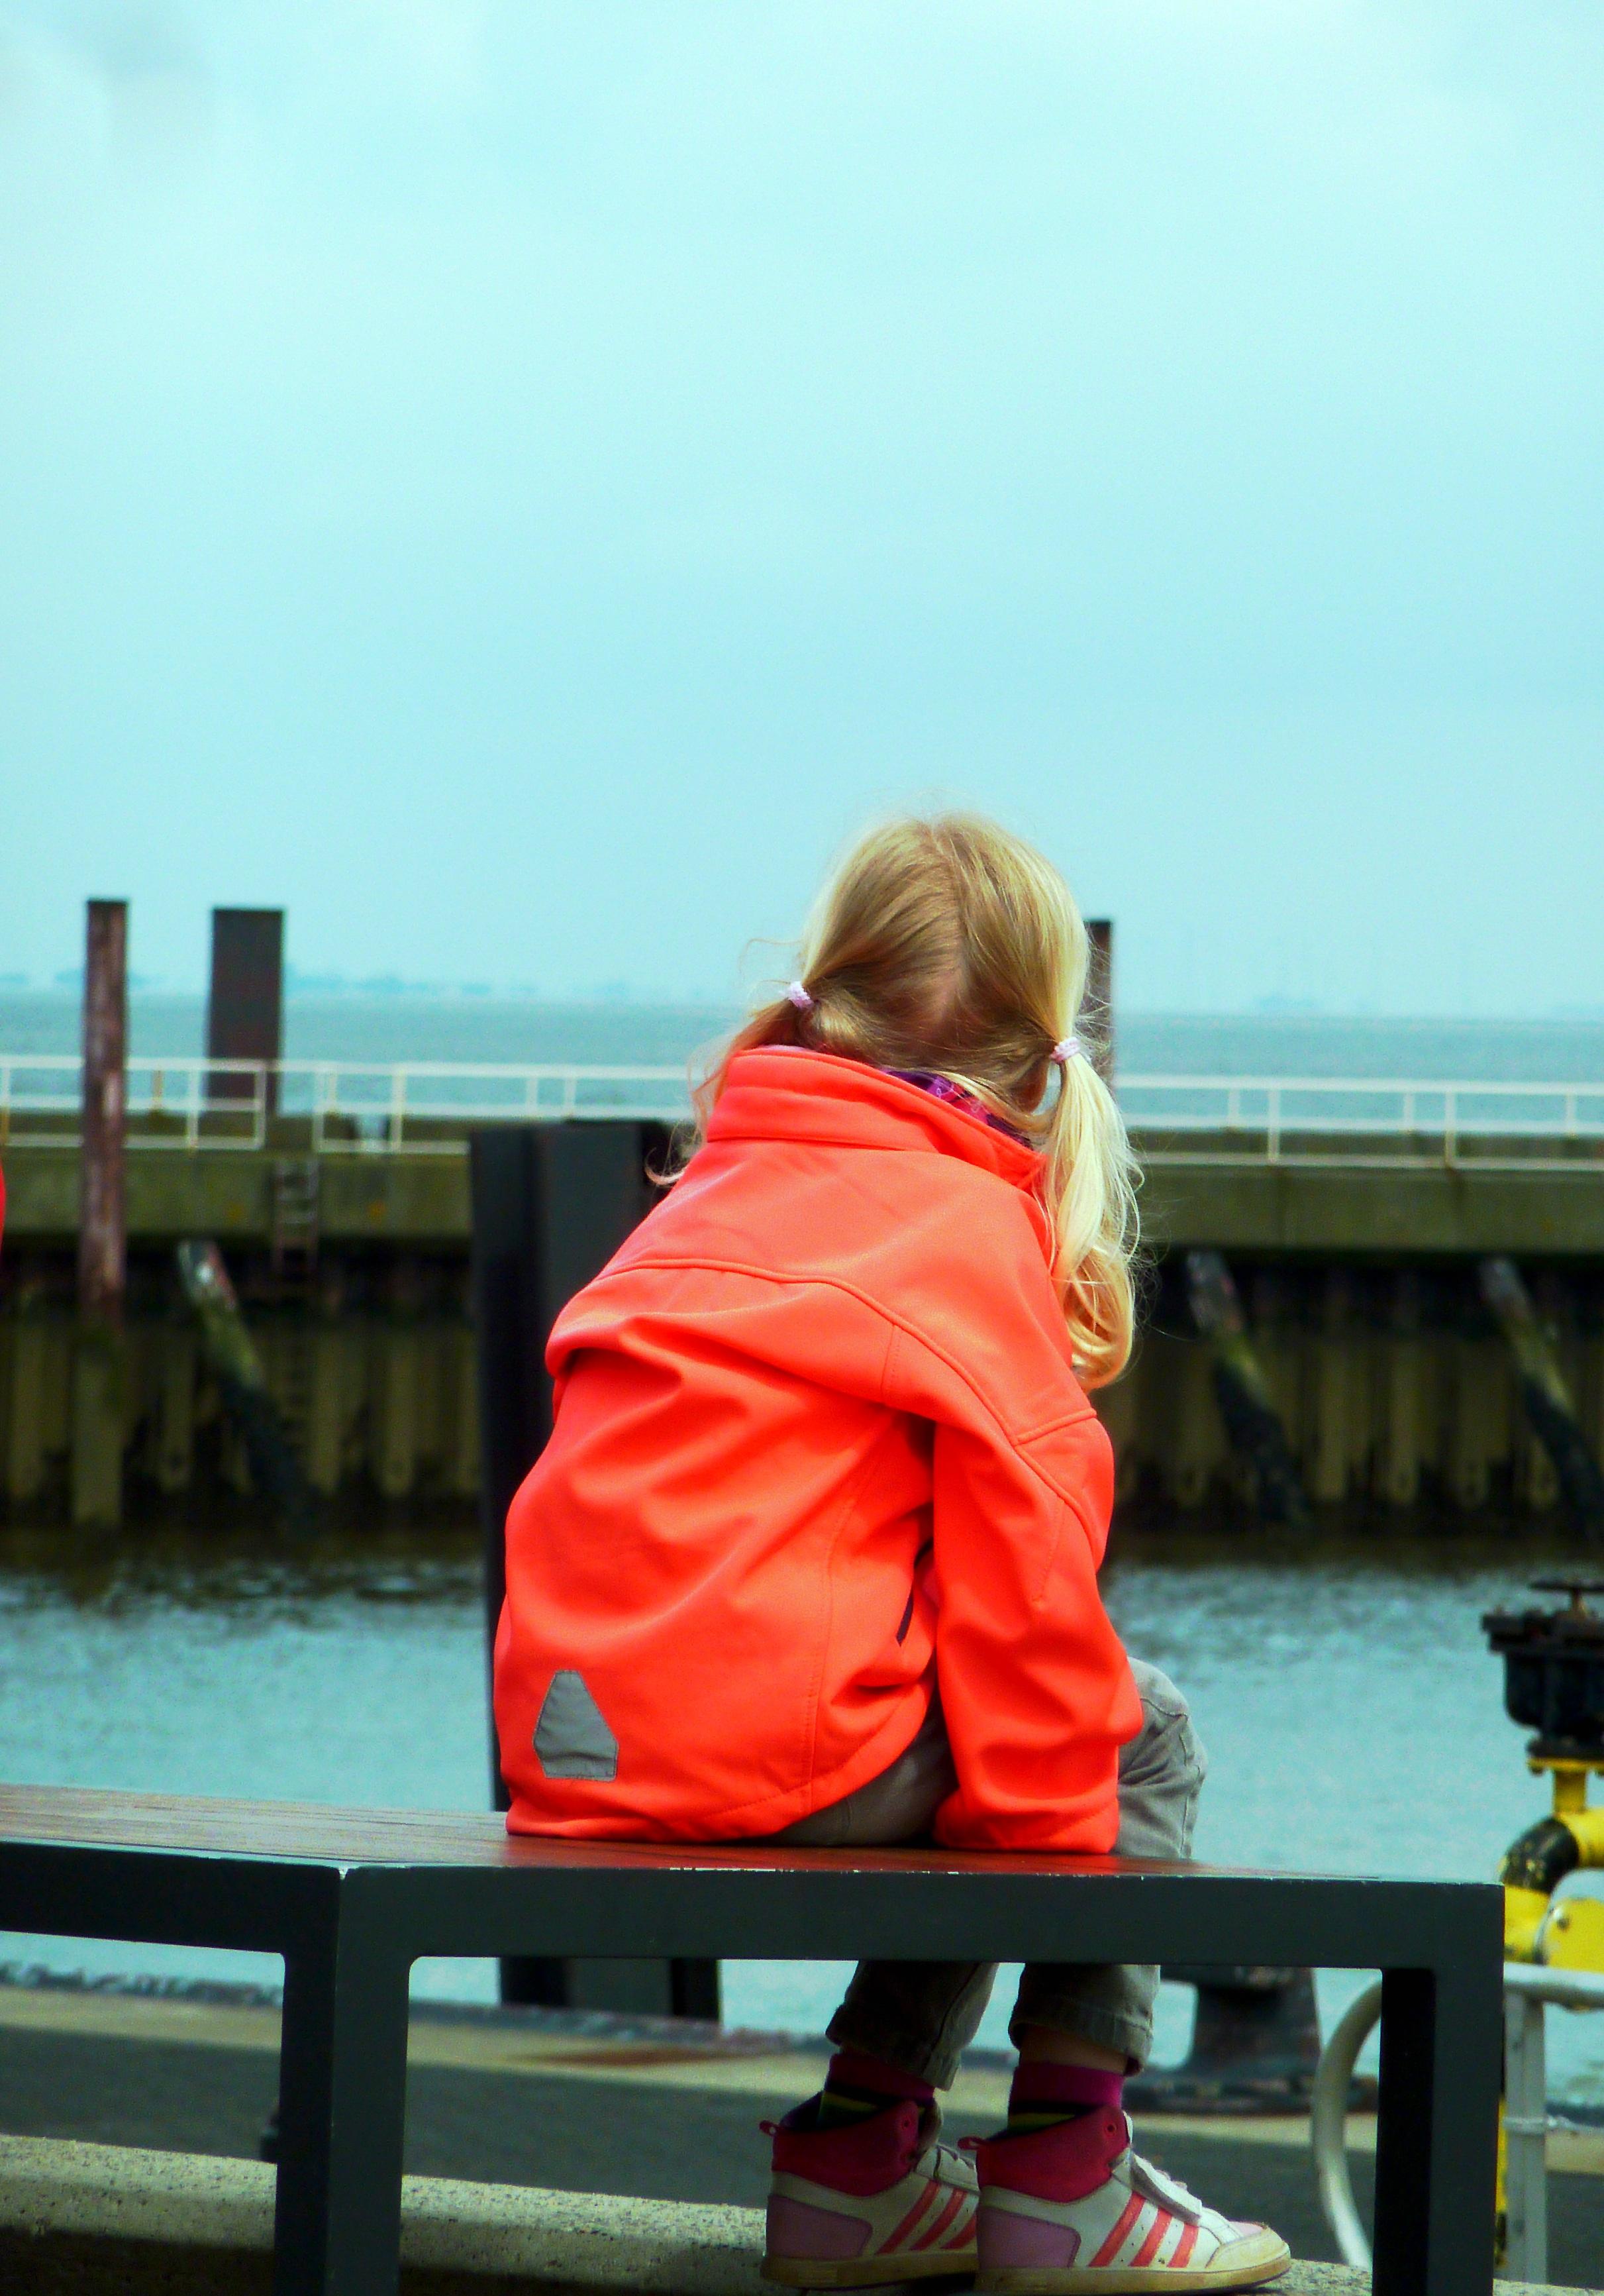 more voda človek loď letné dovolenka jar červená farba dovolenka prístav  voľný čas lode deň Krtko f785663b64e